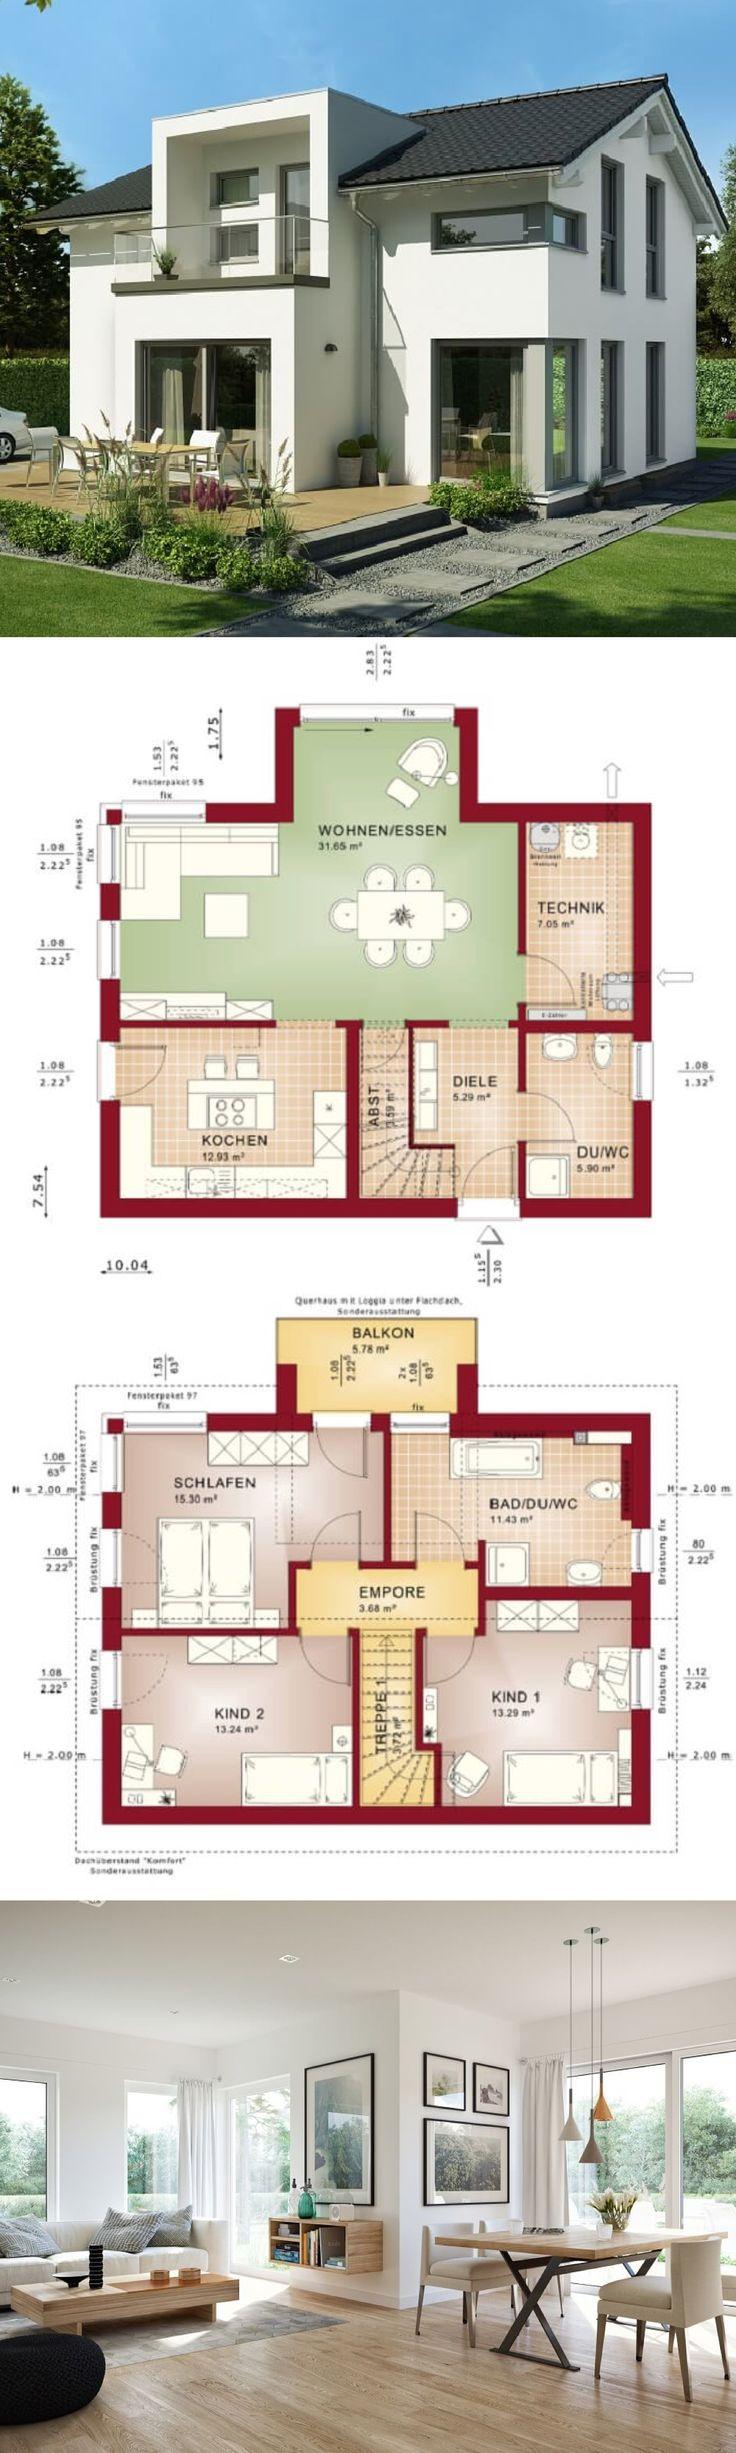 Modernes Design Haus mit Satteldach Architektur & Querhaus mit Loggia – Einfamilienhaus modern Grundriss Fertighaus Edition 3 V2 Bien Zenker Einfamili…